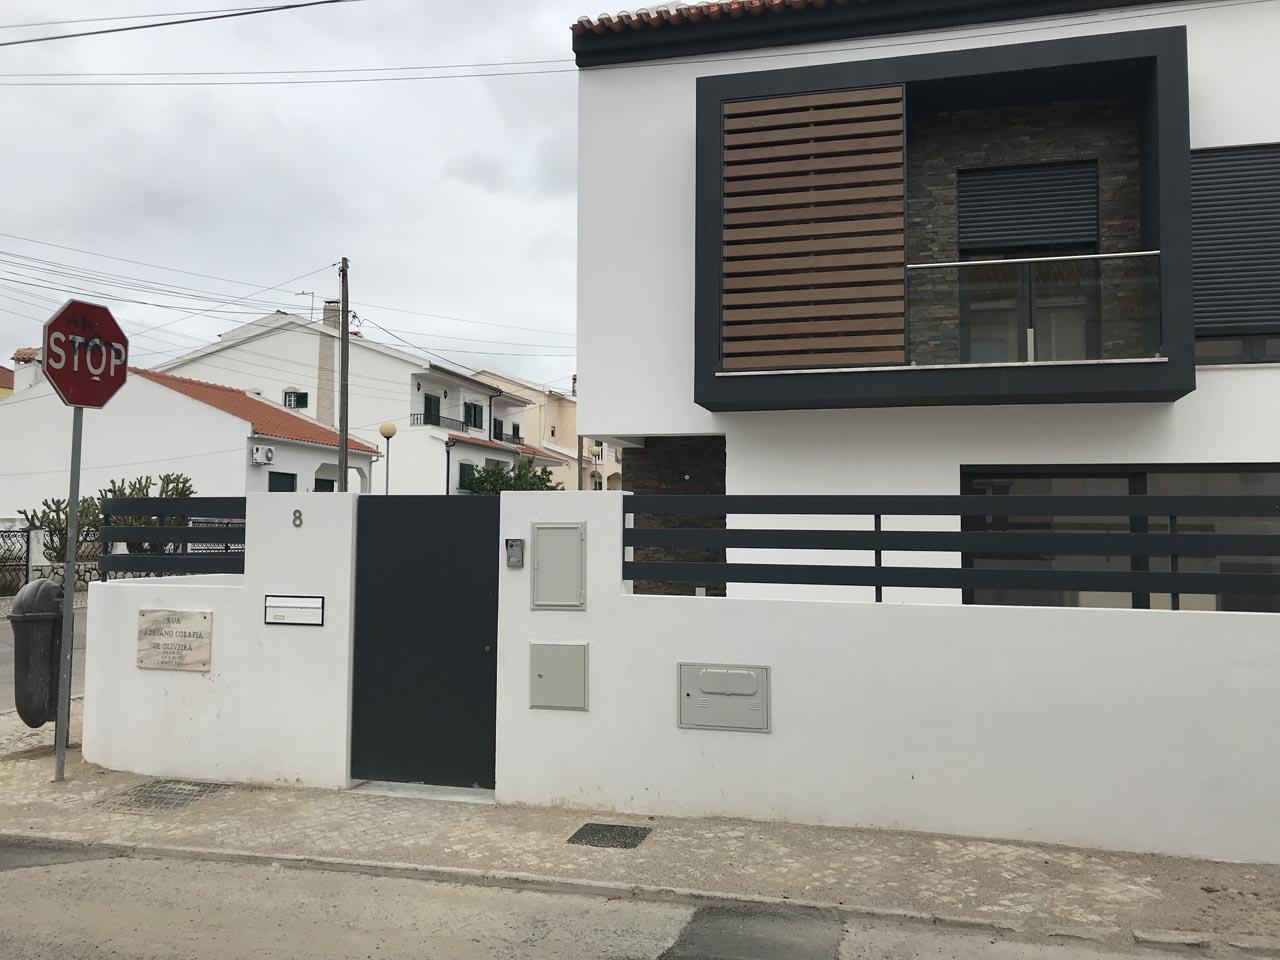 https://www.araujo-arquitectura.pt/wp-content/uploads/2020/12/IMG_7758.jpg